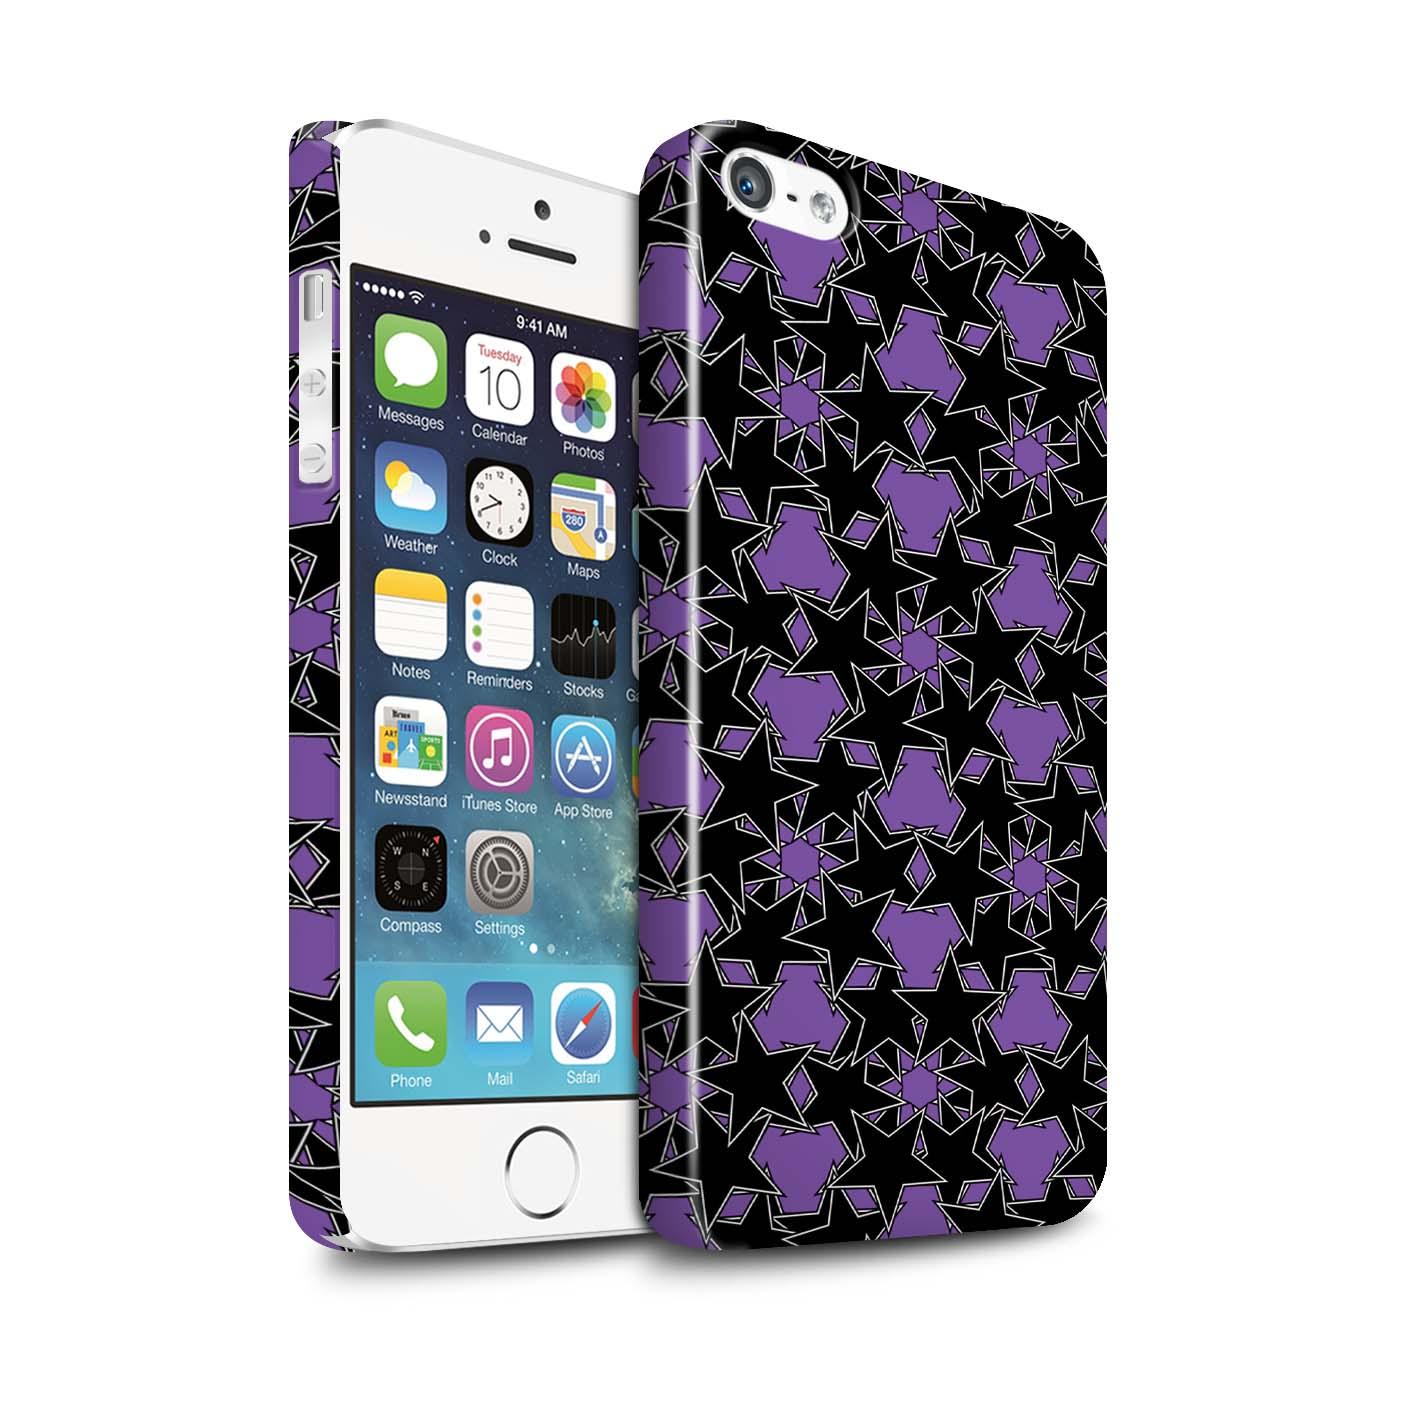 Coque-Etui-Brillant-de-STUFF4-pour-Apple-iPhone-5-5S-Eparpiller-Etoiles